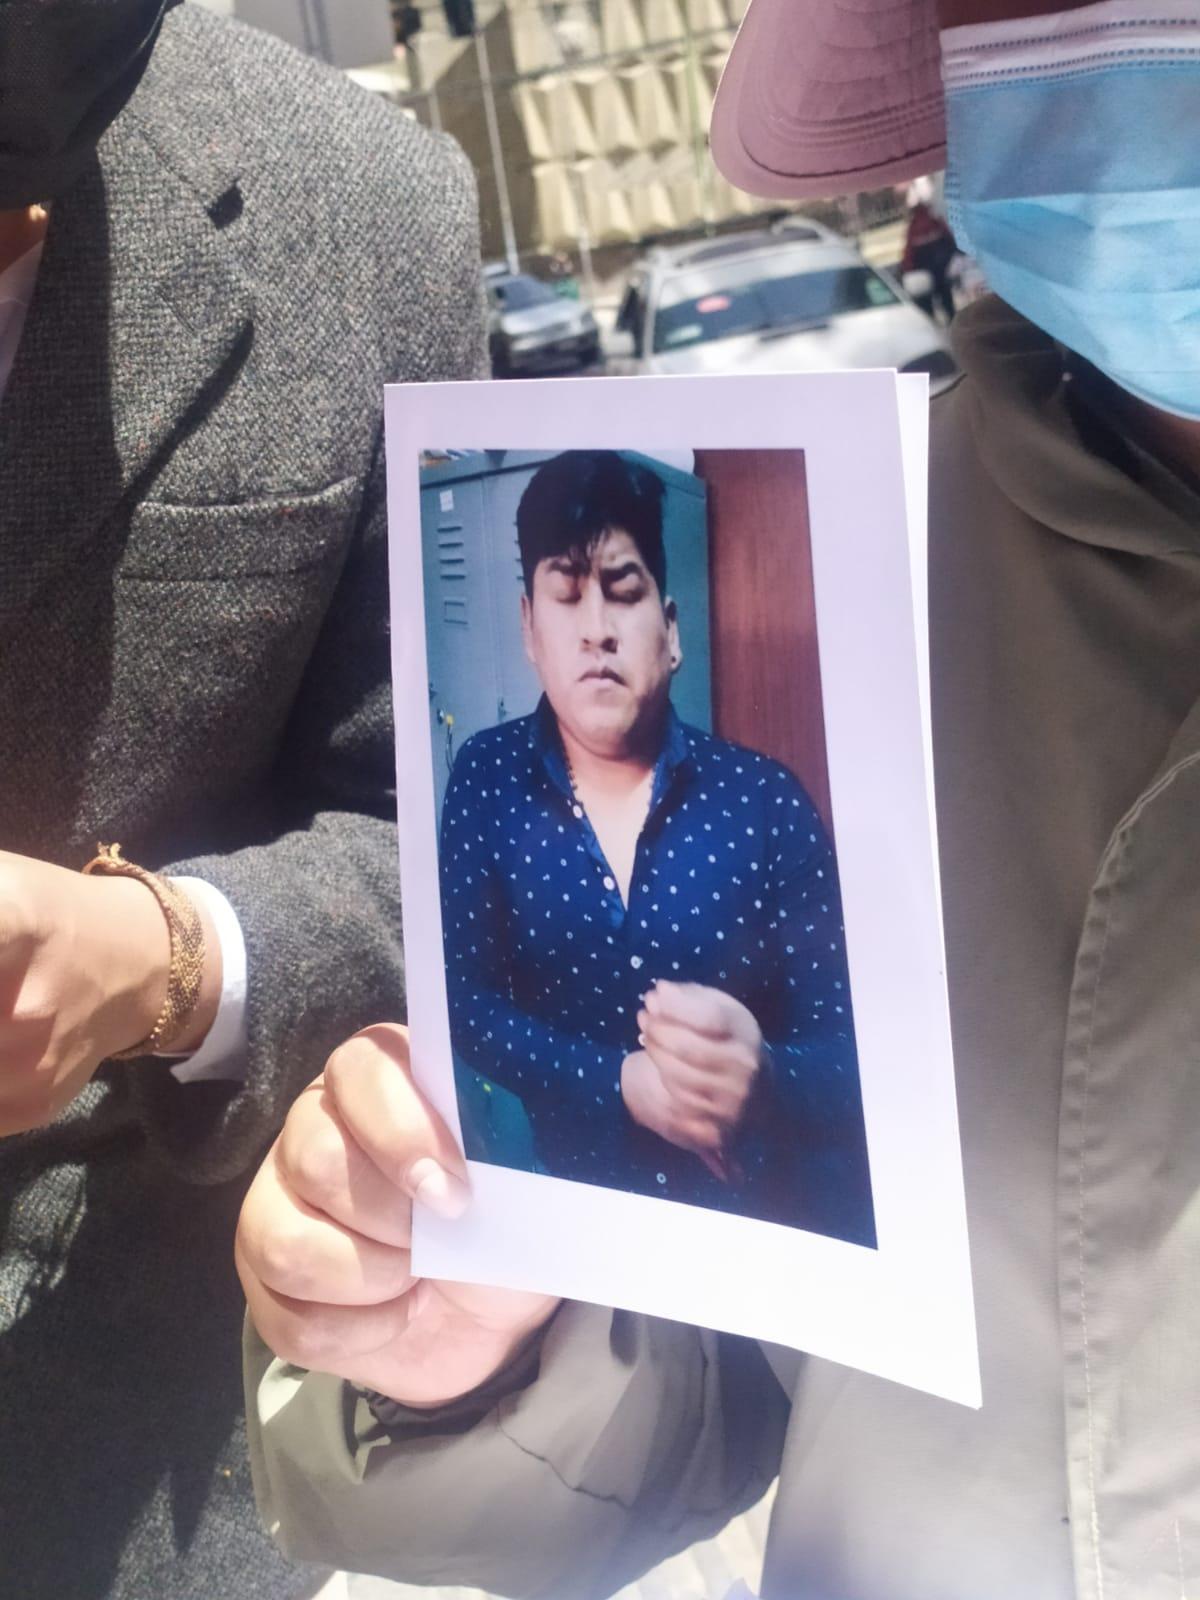 Víctima de intento de feminicidio denuncia que su agresor fue absuelto y exige justicia